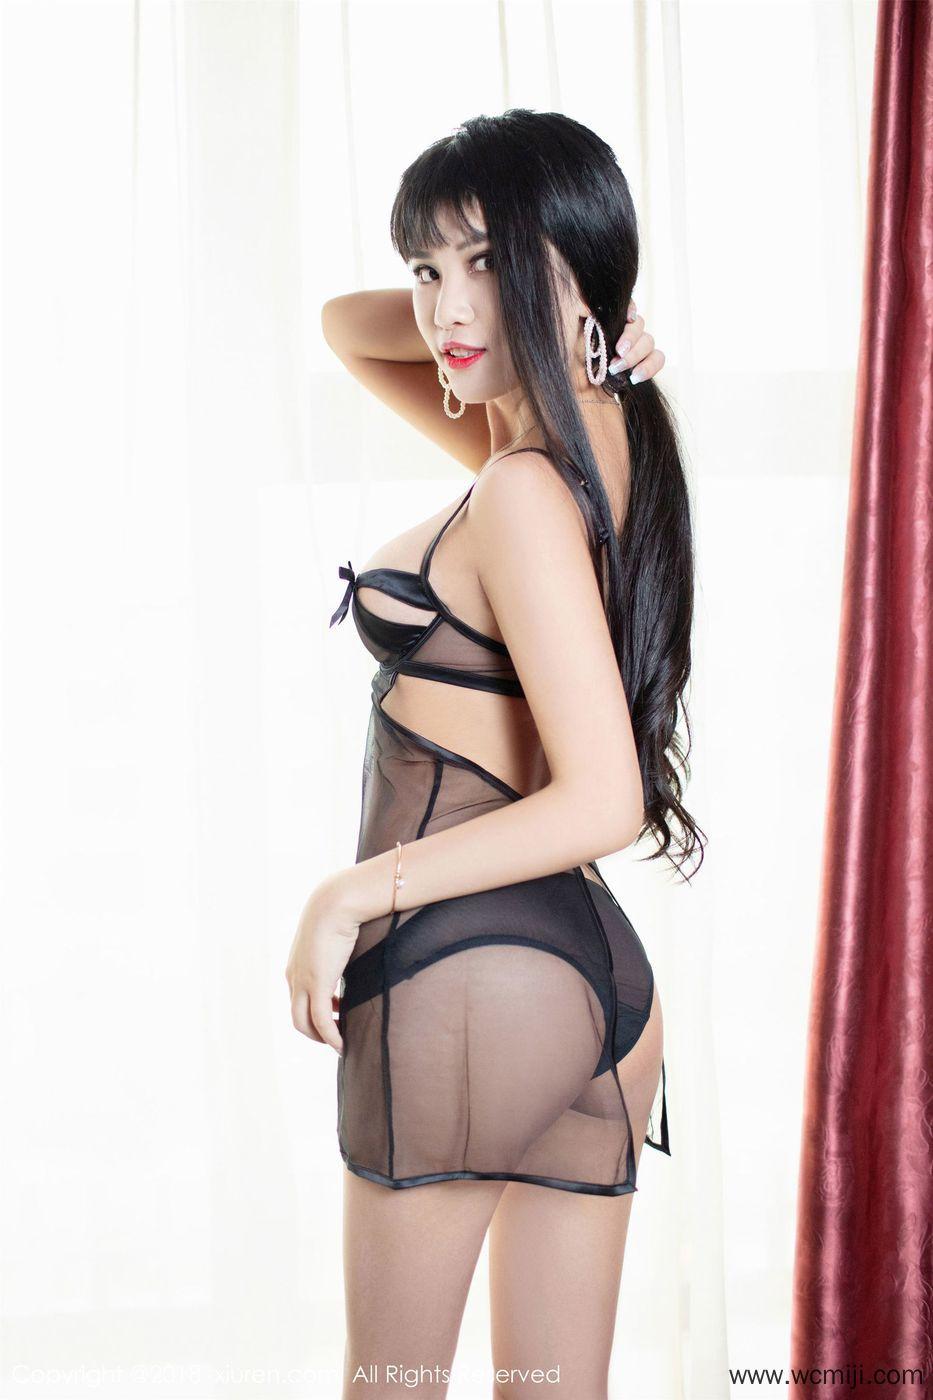 【写真集】【萌宝儿】性感美女萌宝儿情趣黑纱美腿酒店全裸人体艺术写真图片【46P】 性感内衣